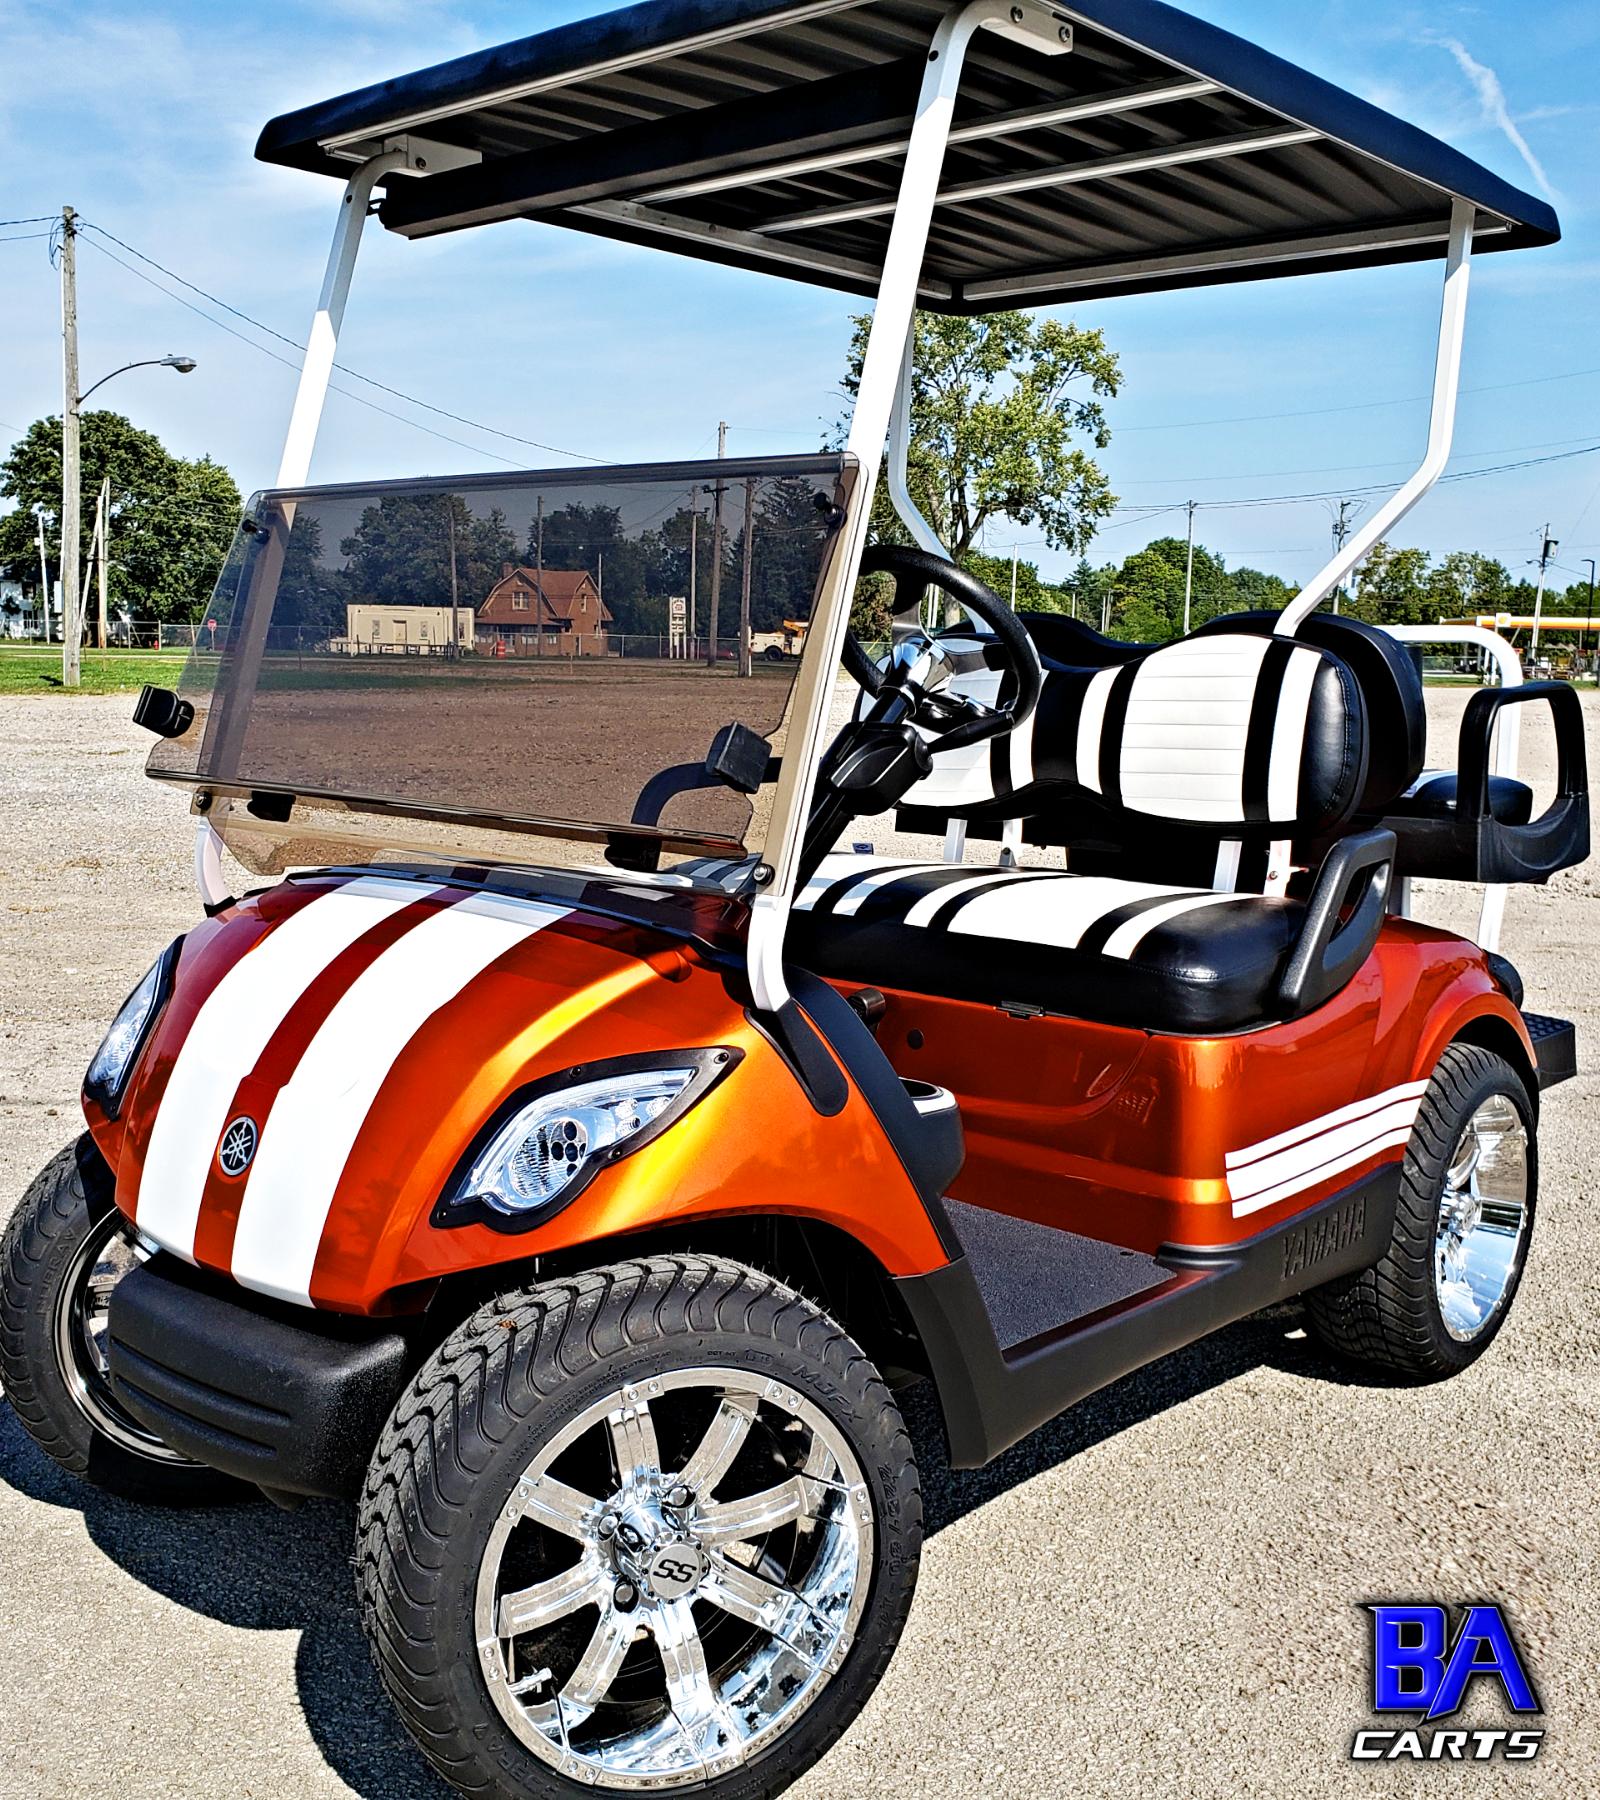 Custom Yamaha Golf Cart Muscle Orange Ba Carts Yamaha Golf Carts Golf Carts Yamaha